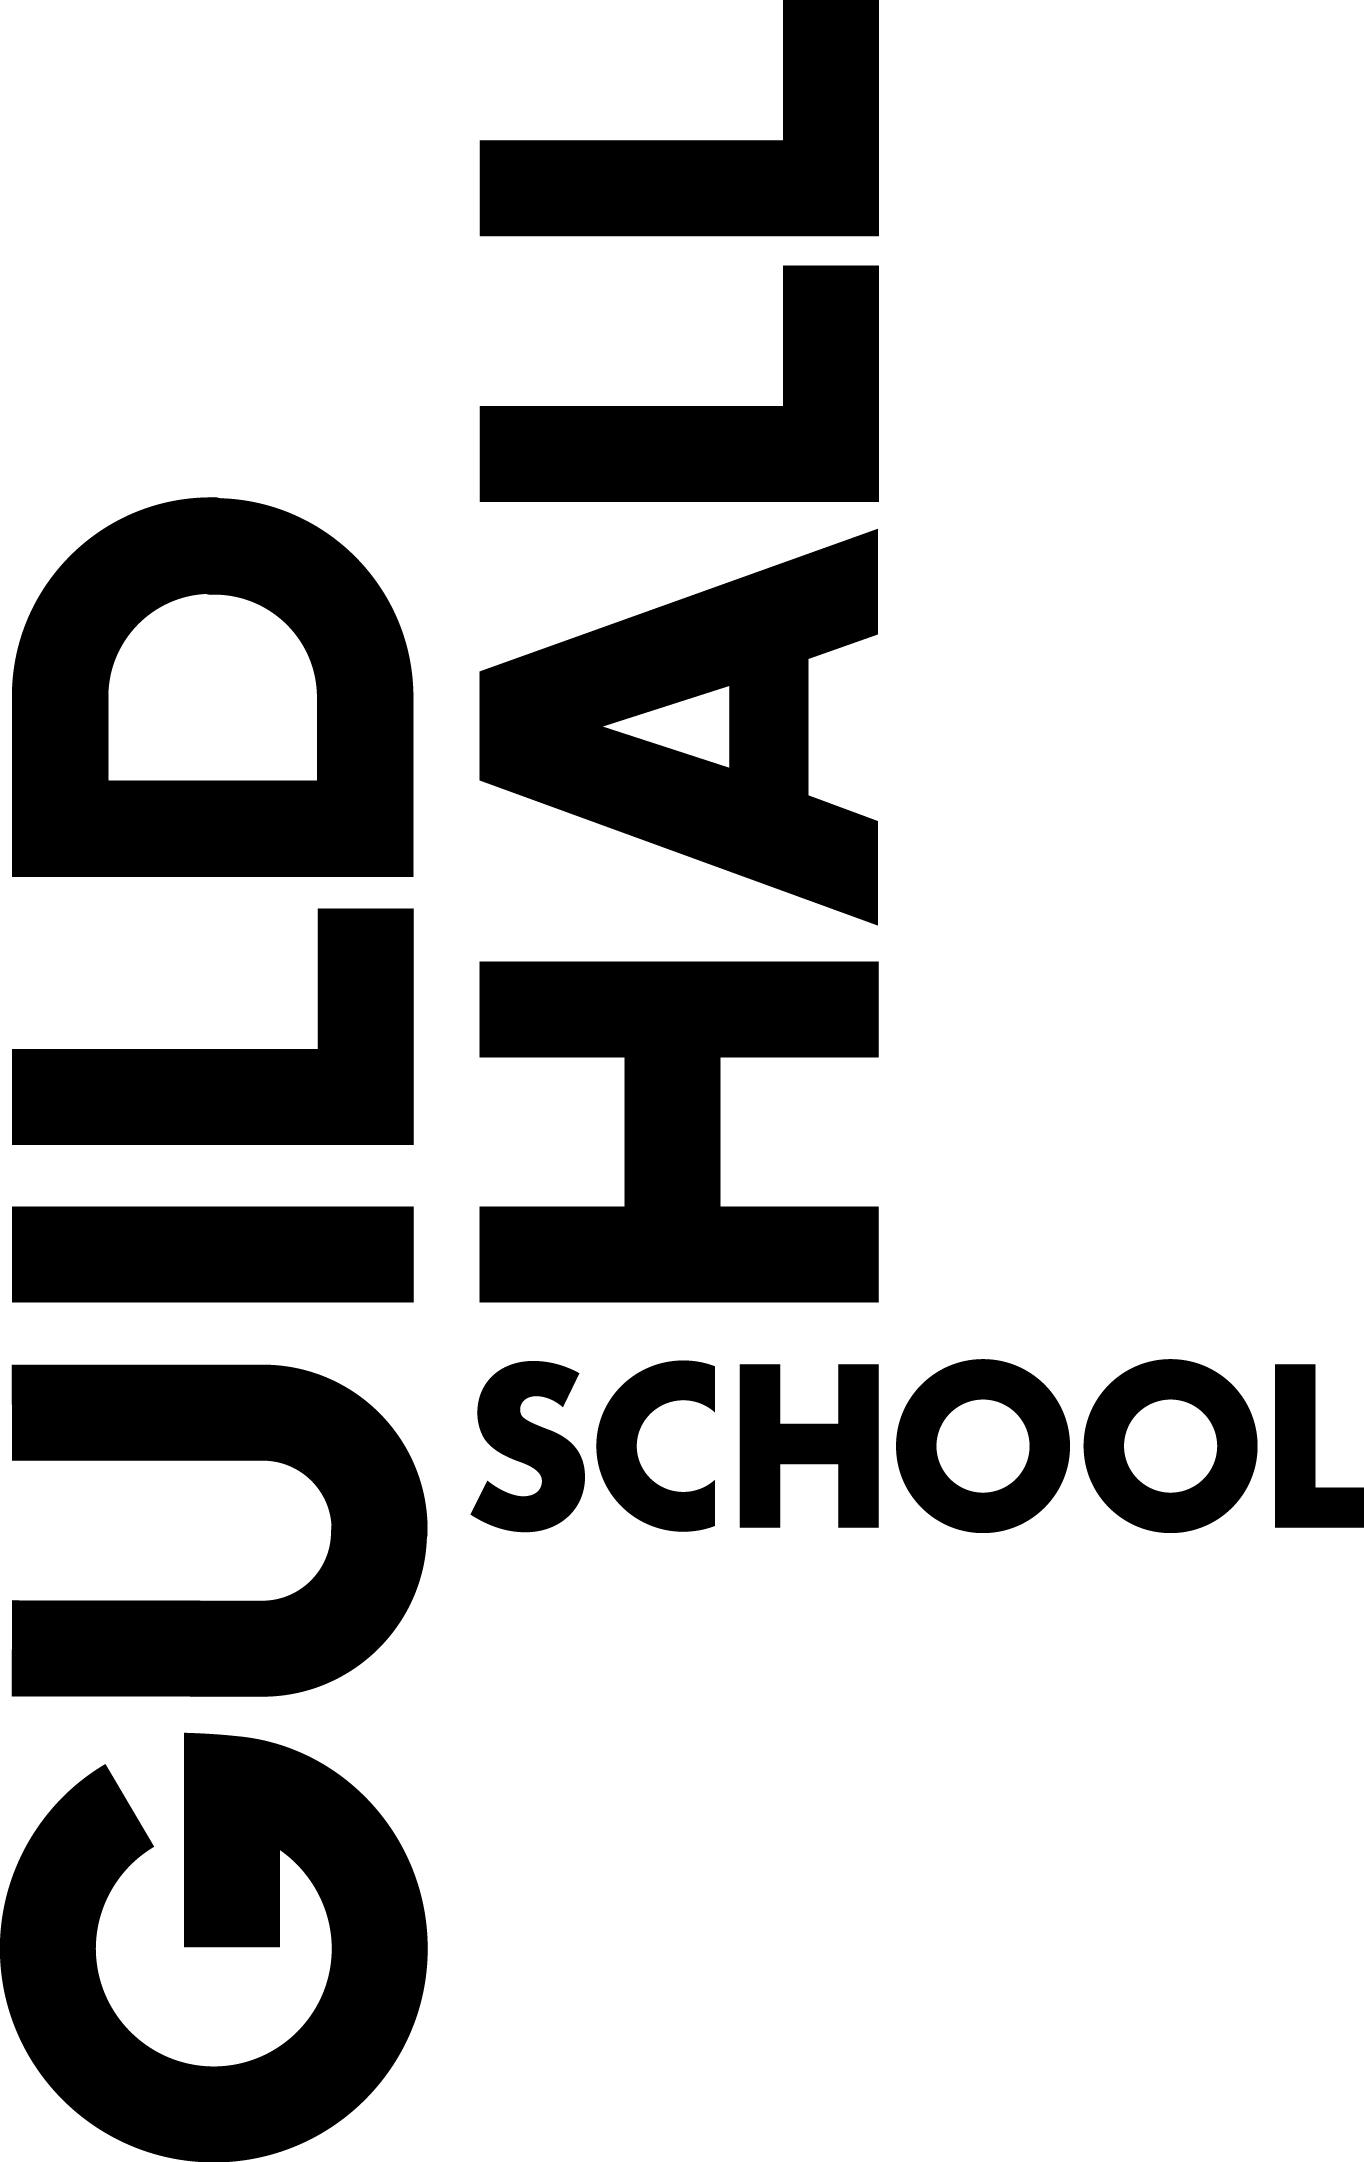 Zorganizowano przy wsparciu Guildhall School of Music & Drama